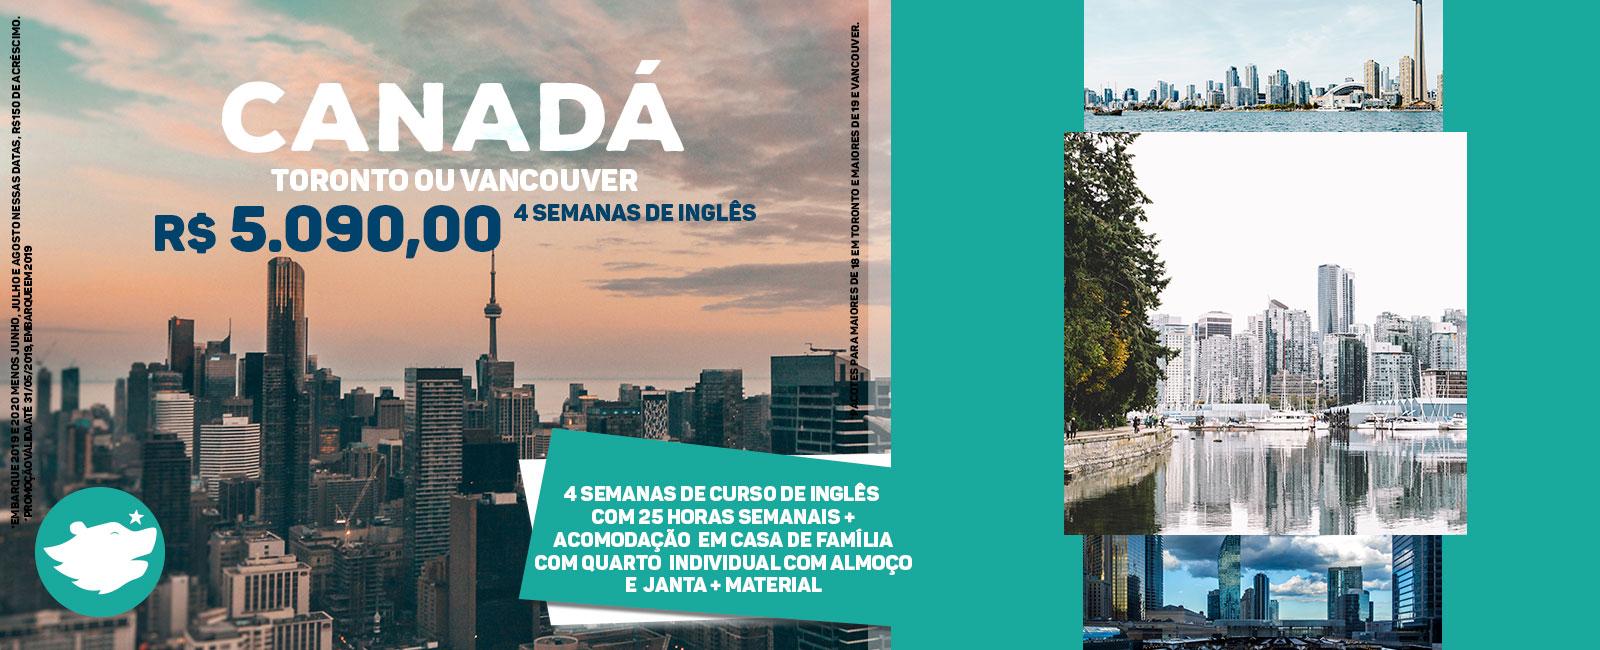 Imagem promocional para estudar no Canadá com algumas fotos de paisagem